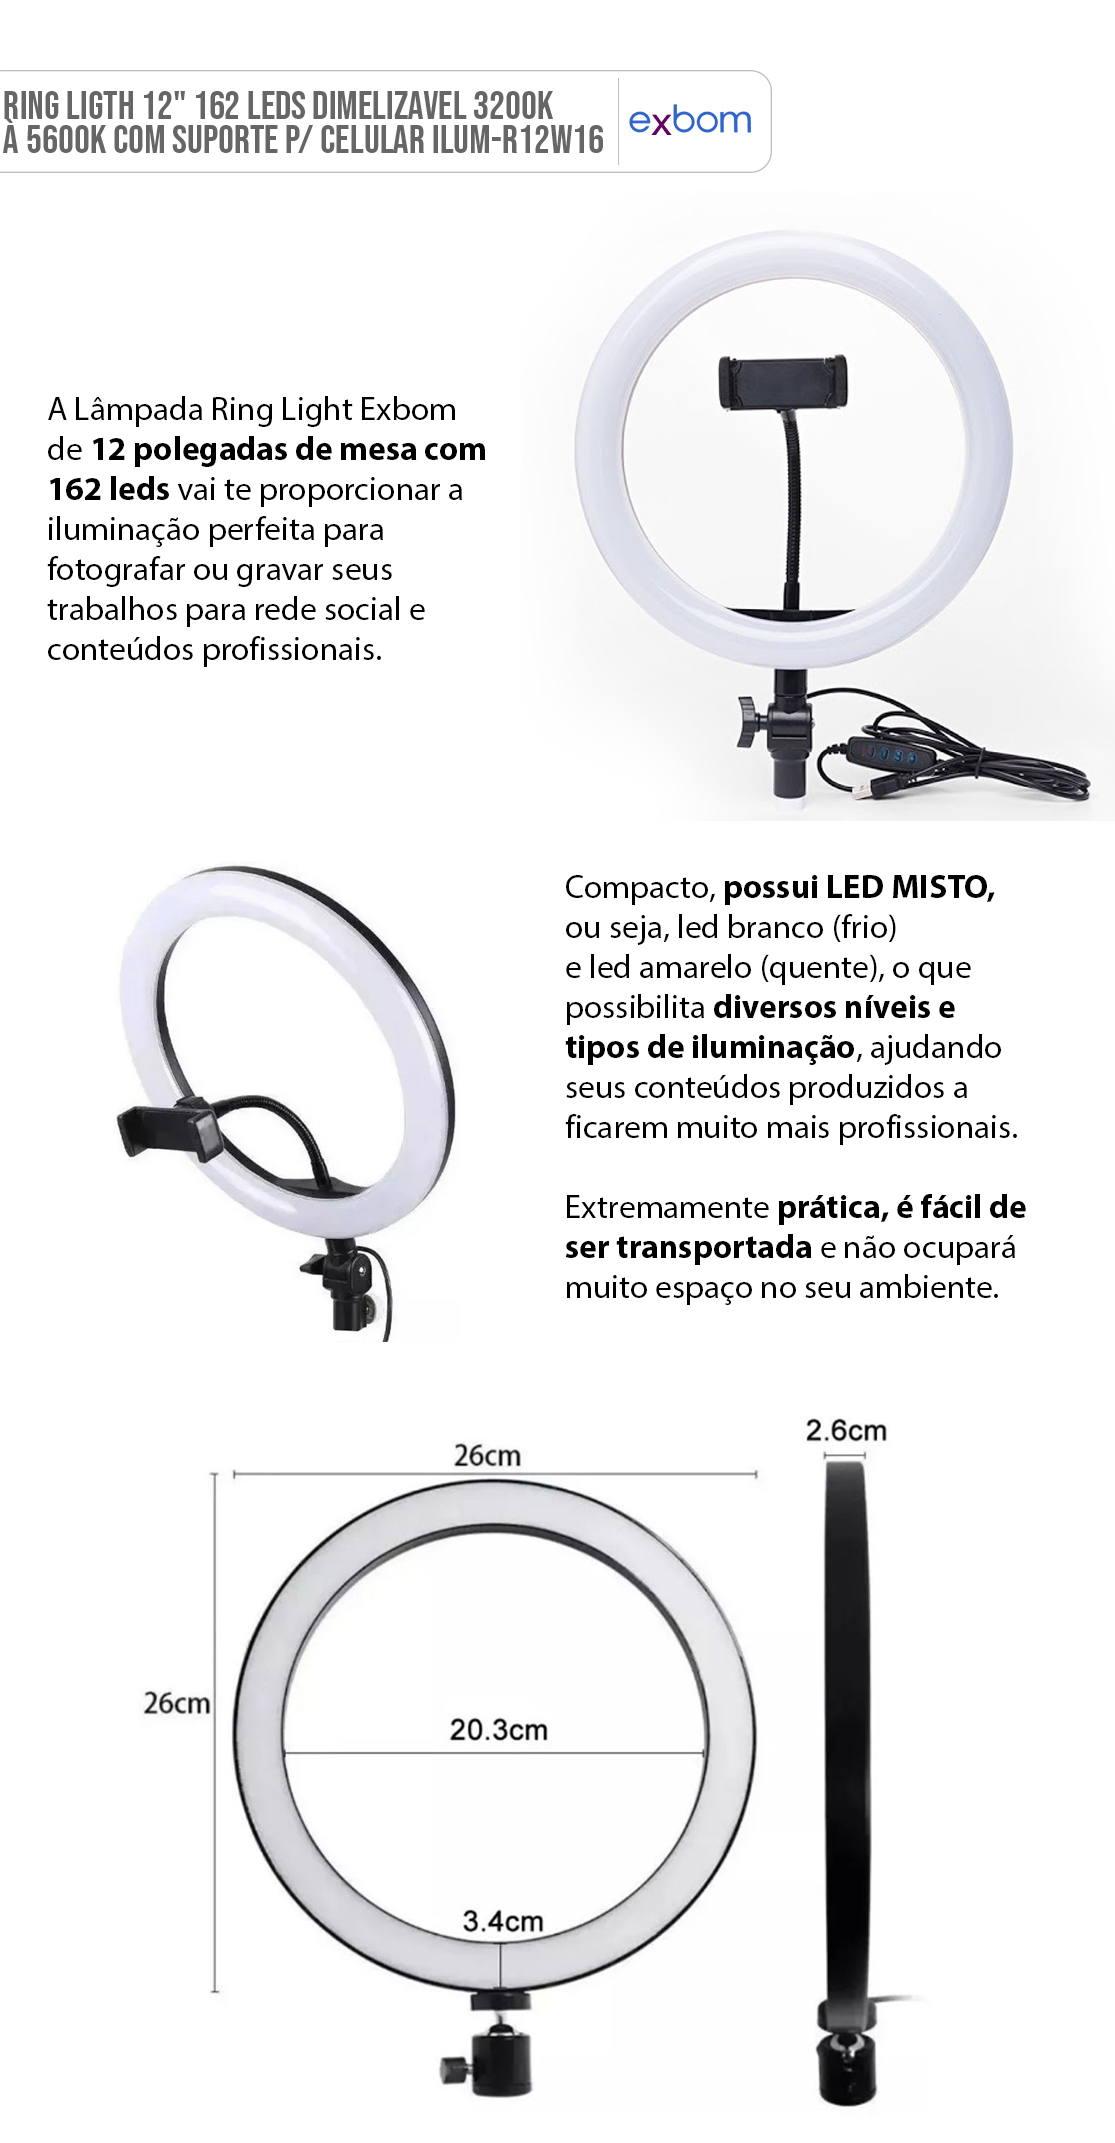 Ring Light 12pol 162 LEDs Dimerizável 3200K à 5600K Suporte Flexível para Celular Não Acompanha Tripé Exbom ILUM-R12W16